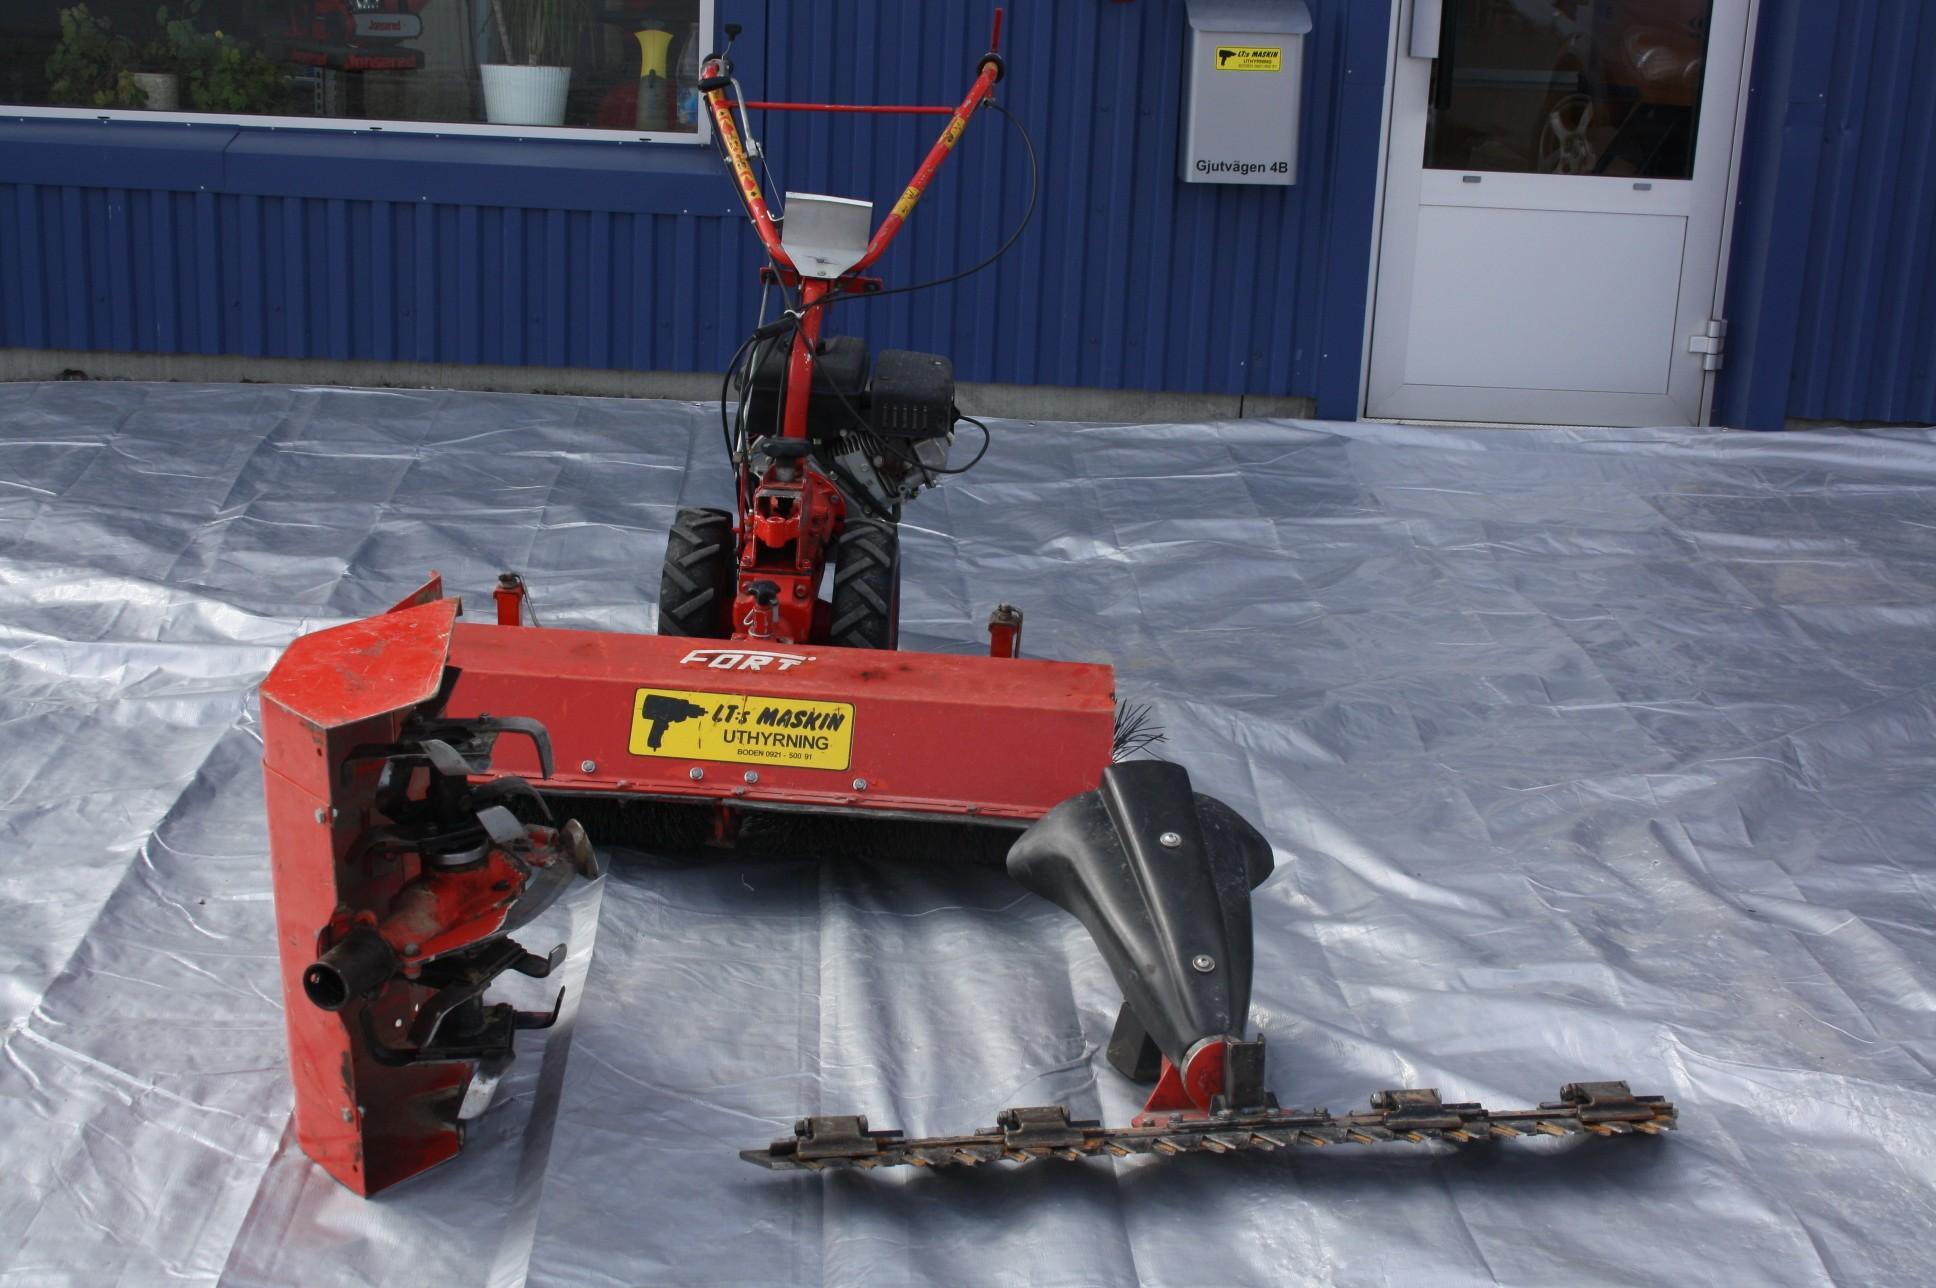 Handtraktor för jordfräs, slåtterbalk, sopvals